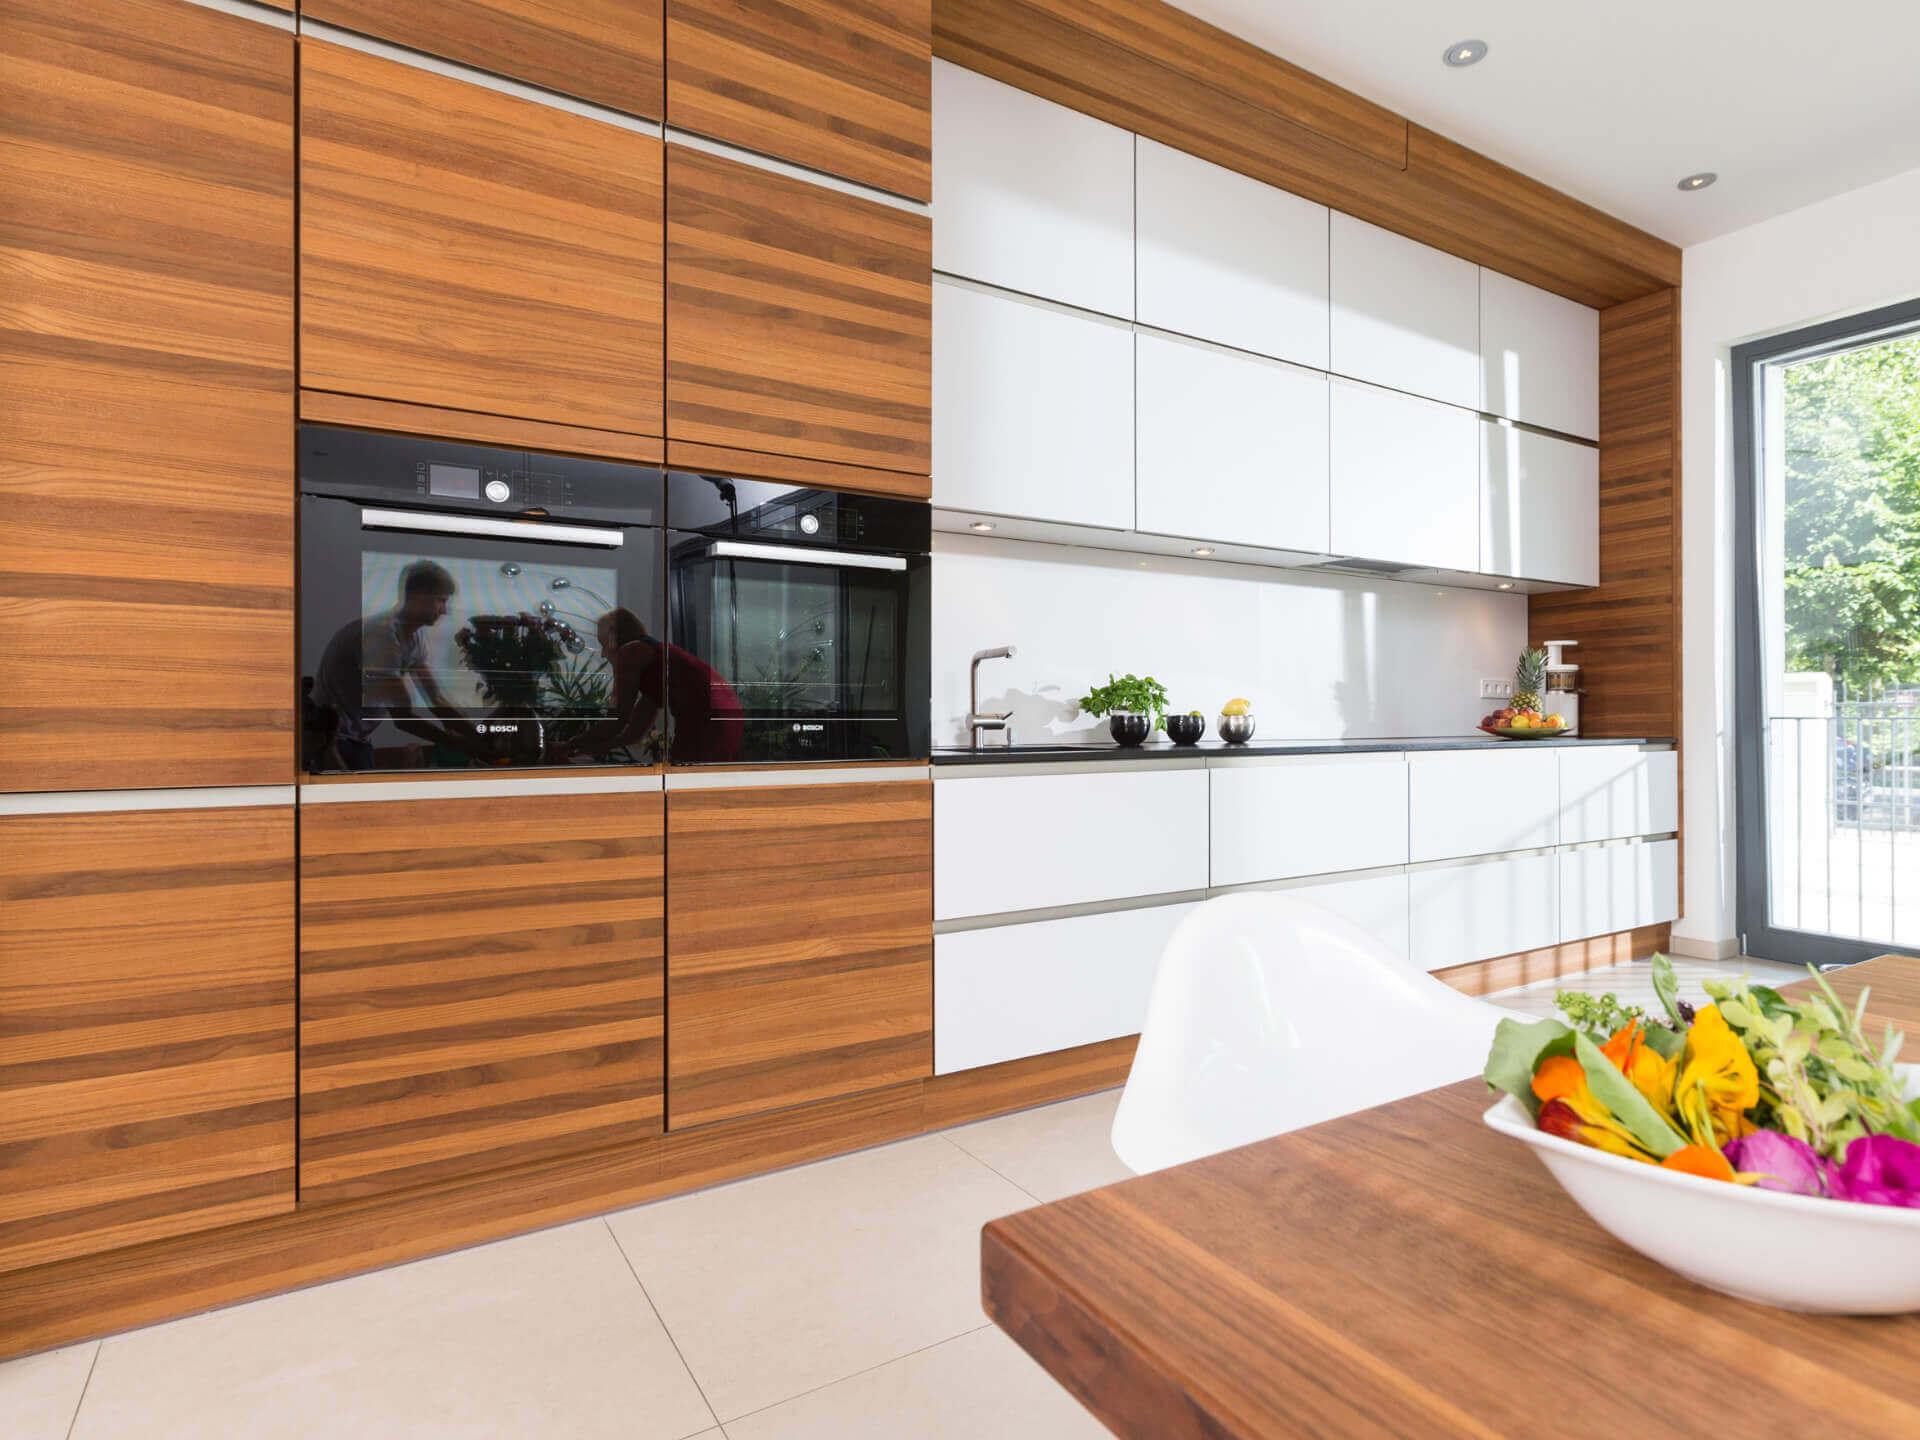 Full Size of Kchen Moderne Landhauskchen Ratiomat Küchen Regal Wohnzimmer Küchen